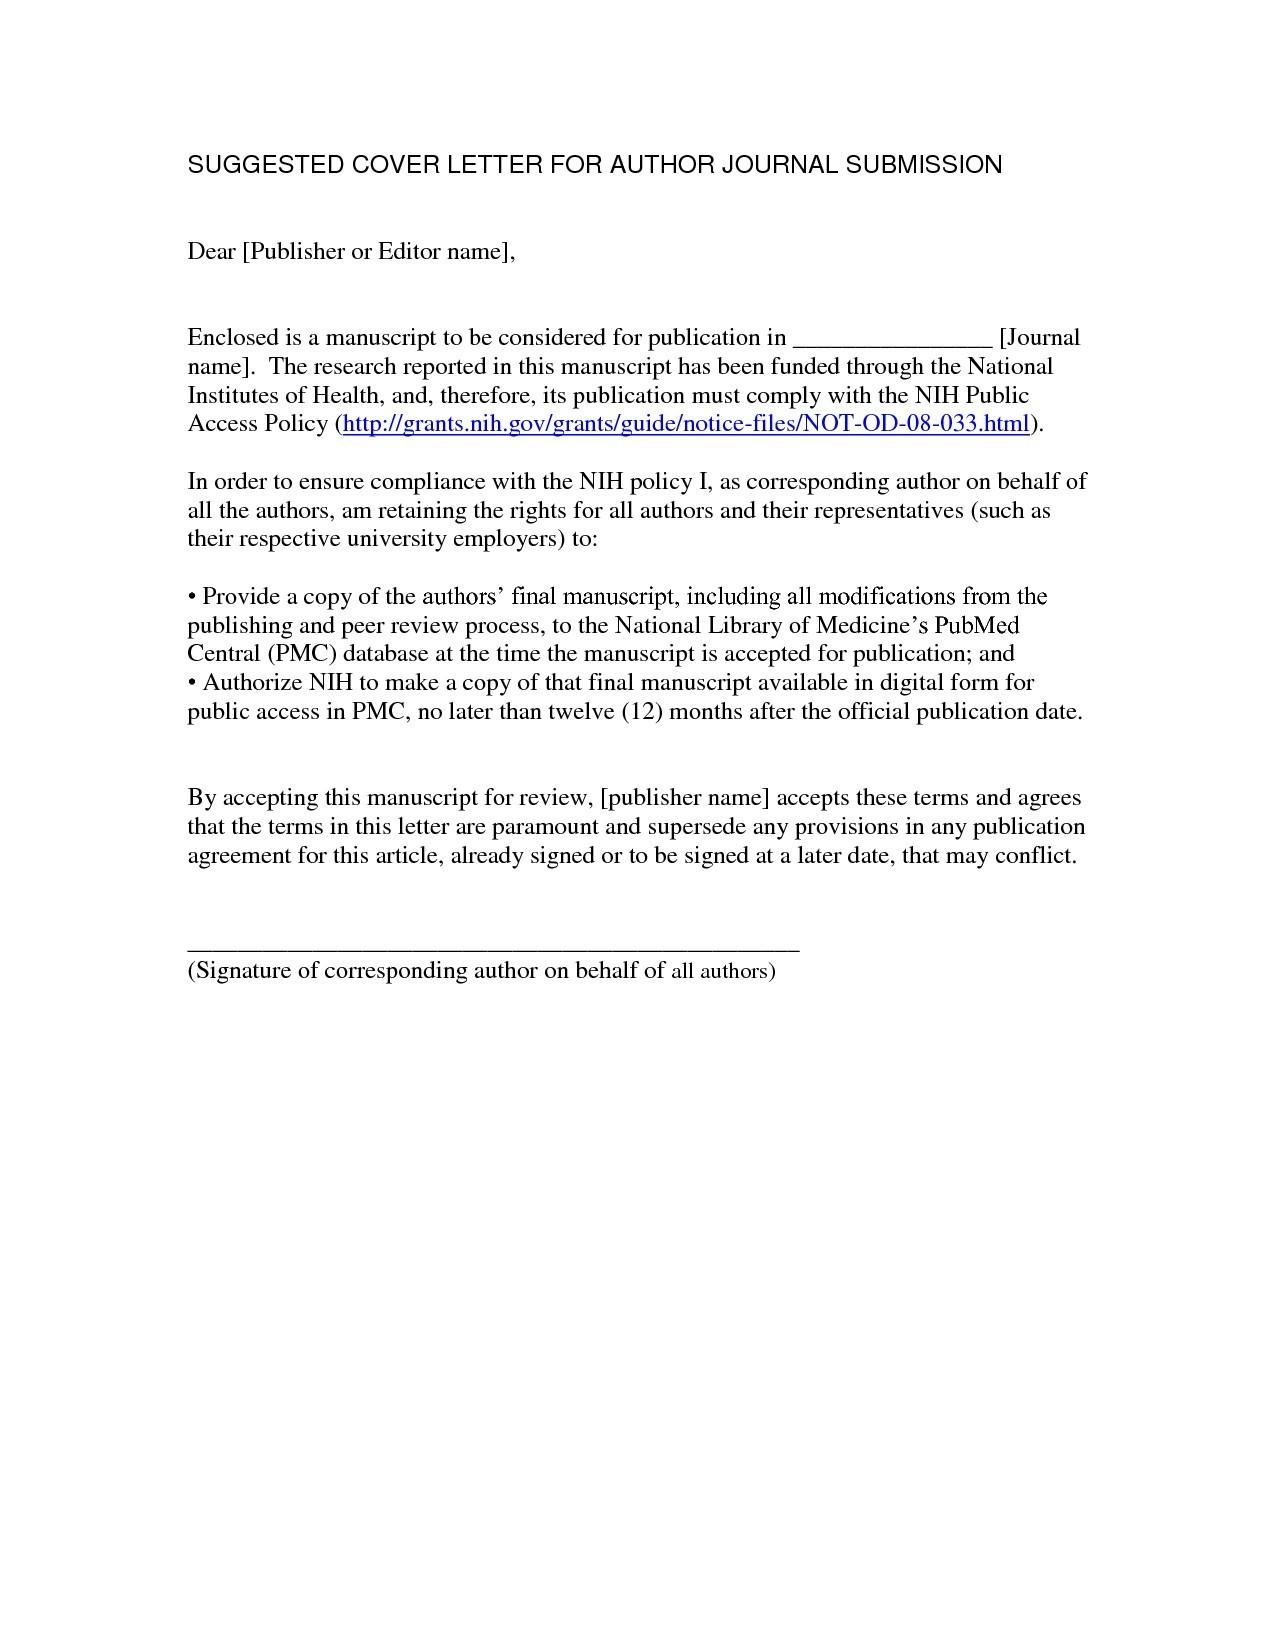 Job Offer Decline Letter Template - Rejecting Job Fer Letter Sample Inspirationa Sample Job Fer Letter